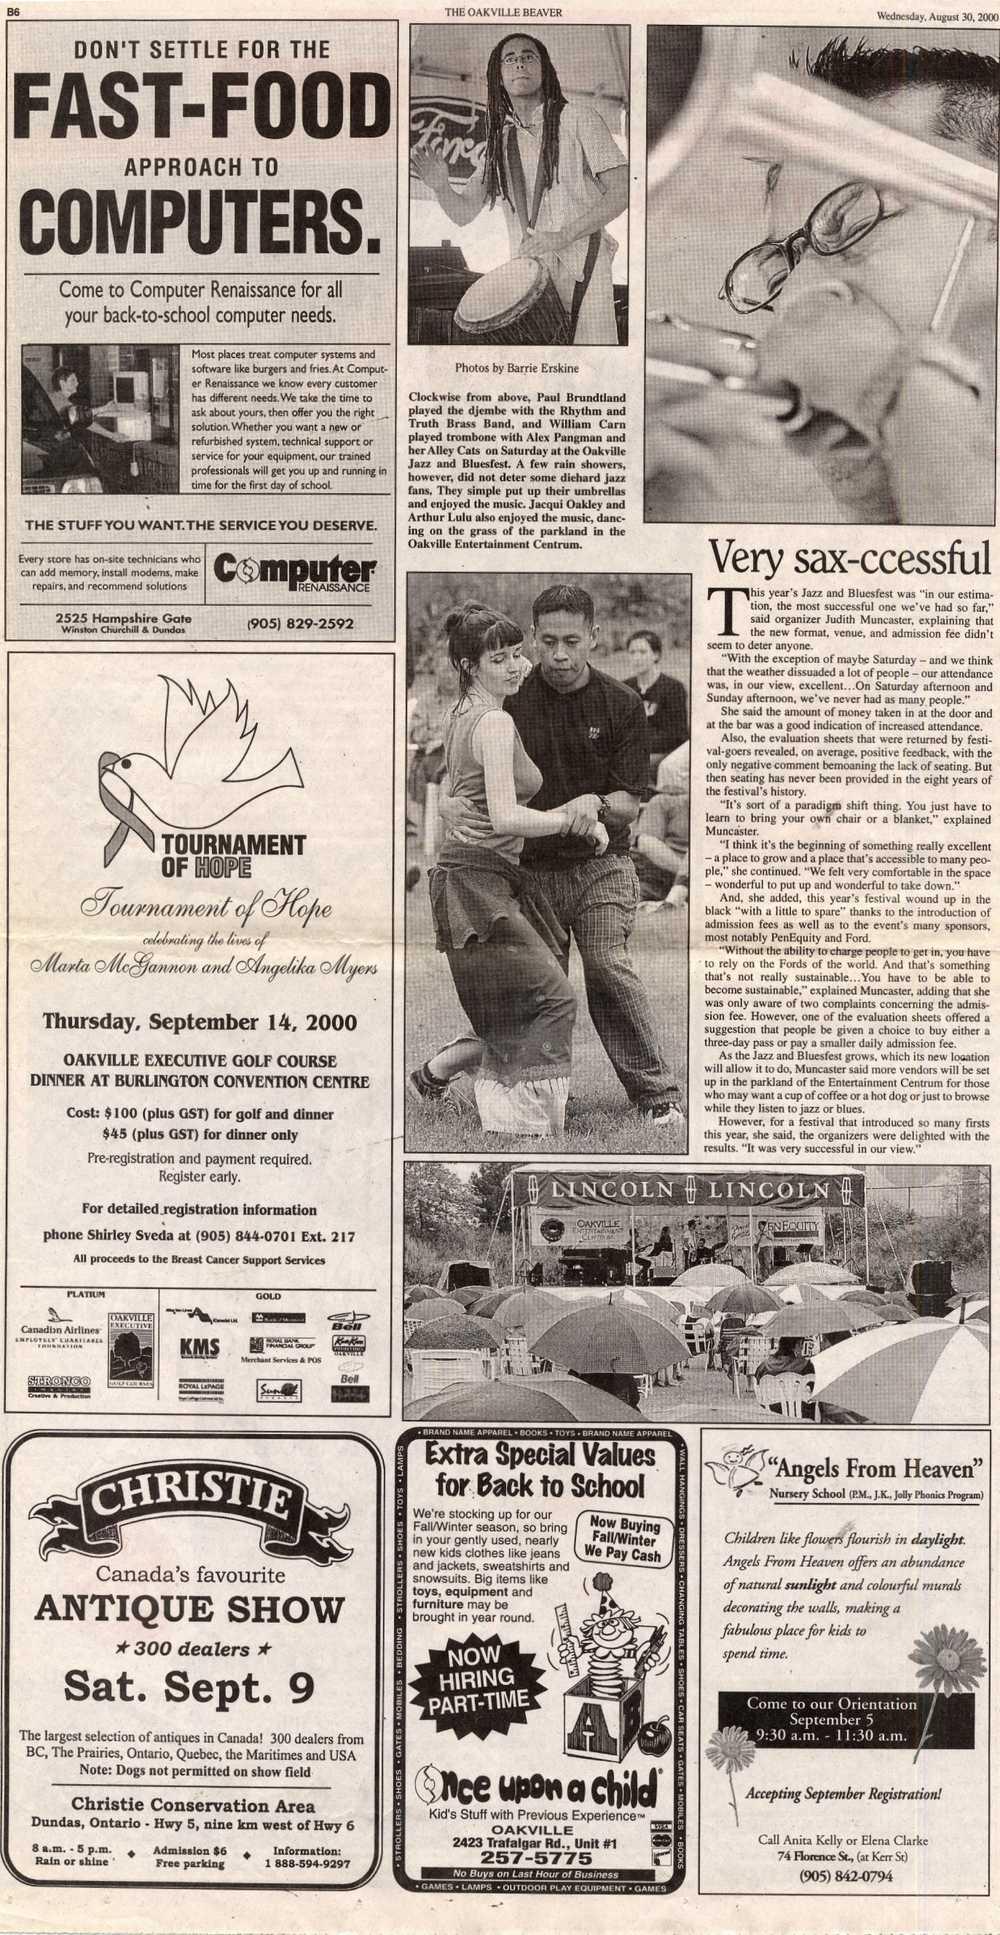 Oakville Beaver, 30 Aug 2000